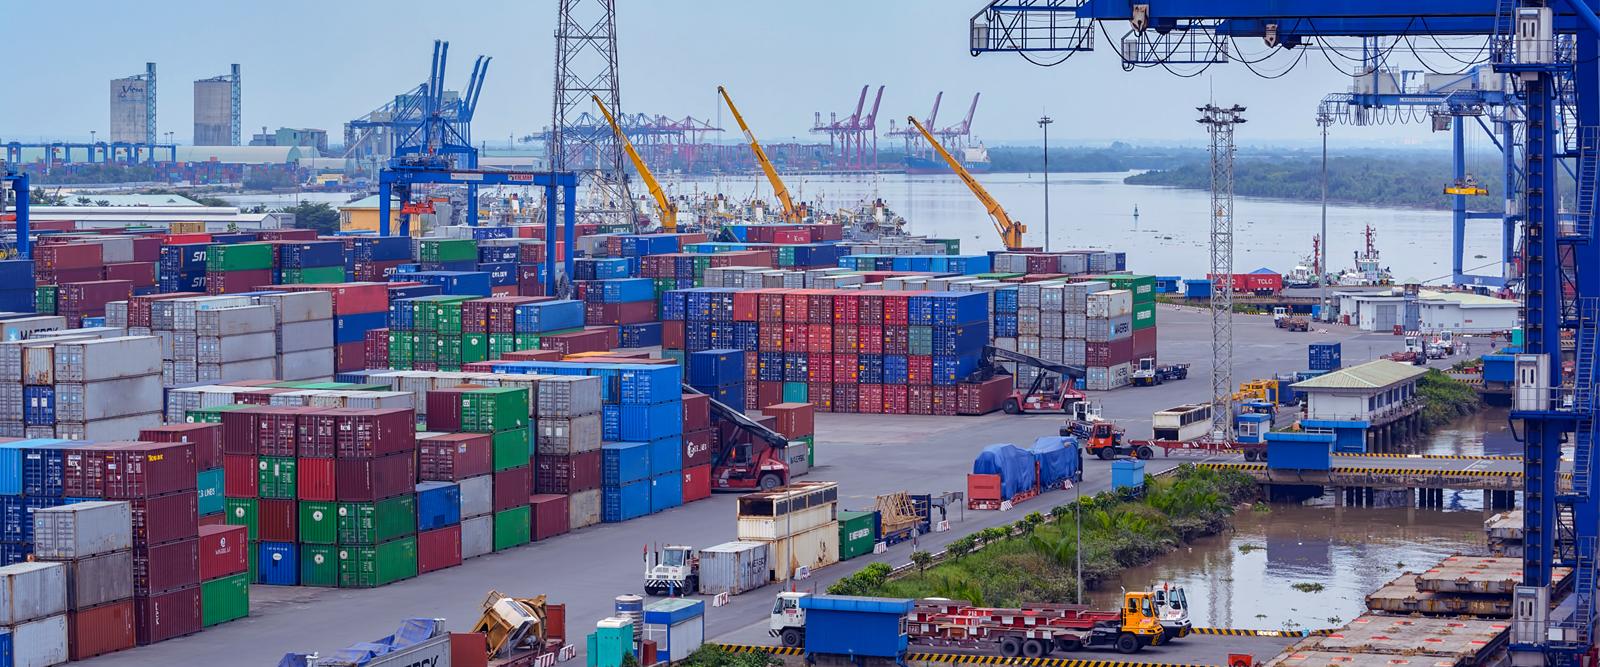 Logisitque de marchandises sur le port d'Ho Chi Minh au Vietnam avec ses grues et conteneurs